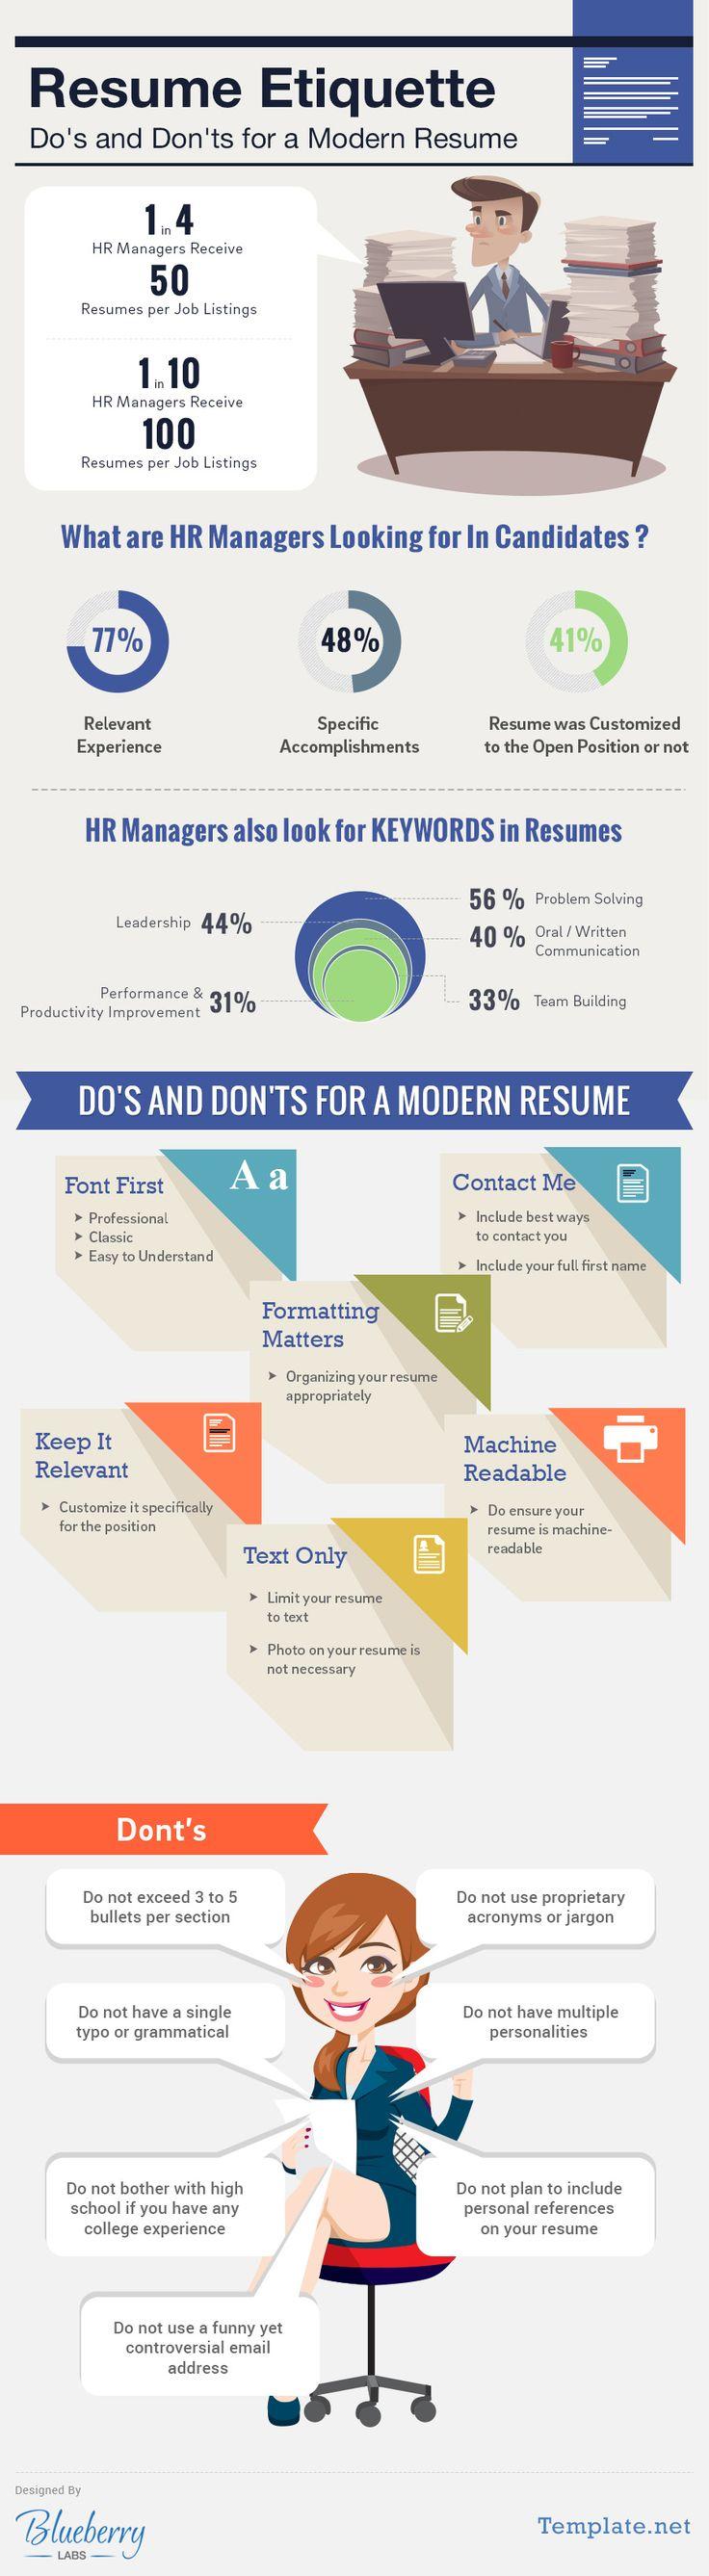 Resume Etiquette Do's & Don'ts for a Modern Resume